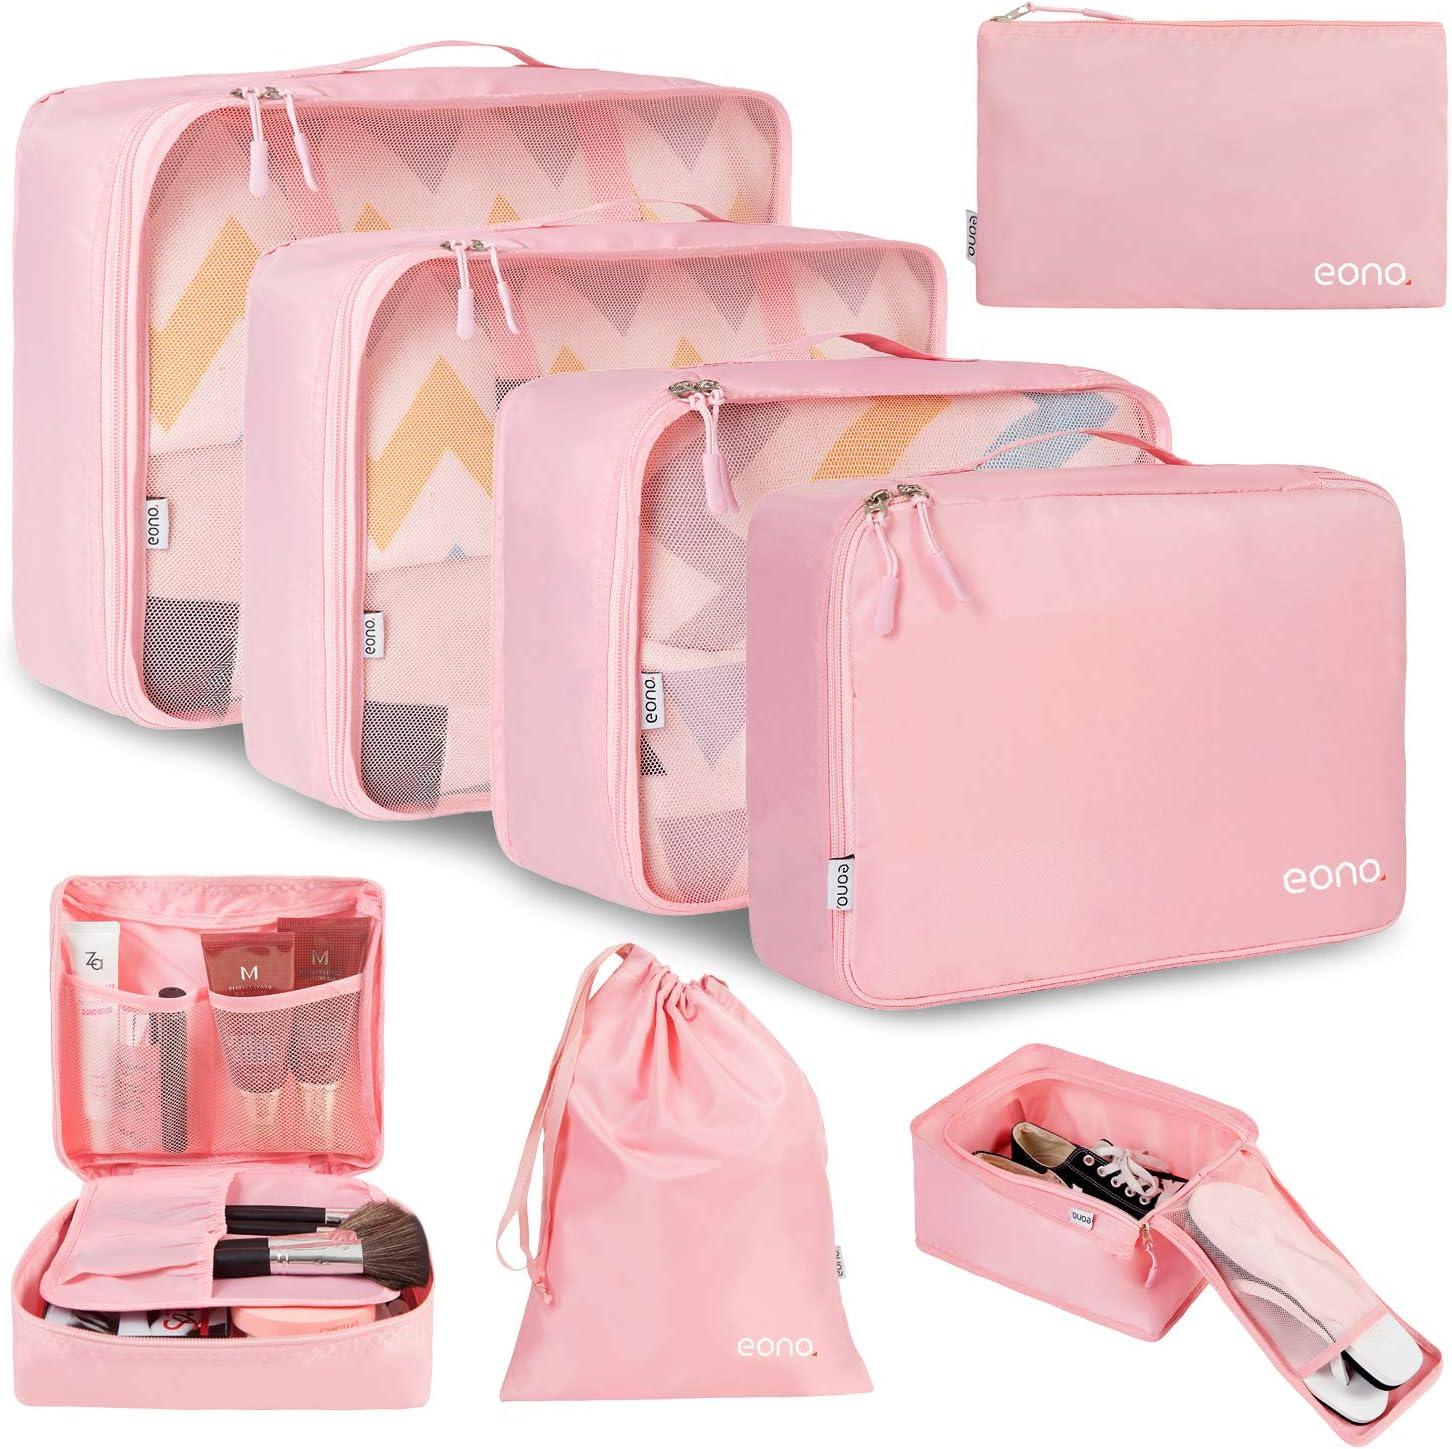 Eono by Amazon - 8 Set Cubos de Embalaje, Organizadores para Maletas, Travel Packing Cubes, Equipaje de Viaje Organizadores, con Bolsa de Zapatos, Bolsa de Cosméticos y Bolsa de Lavandería, Rosado